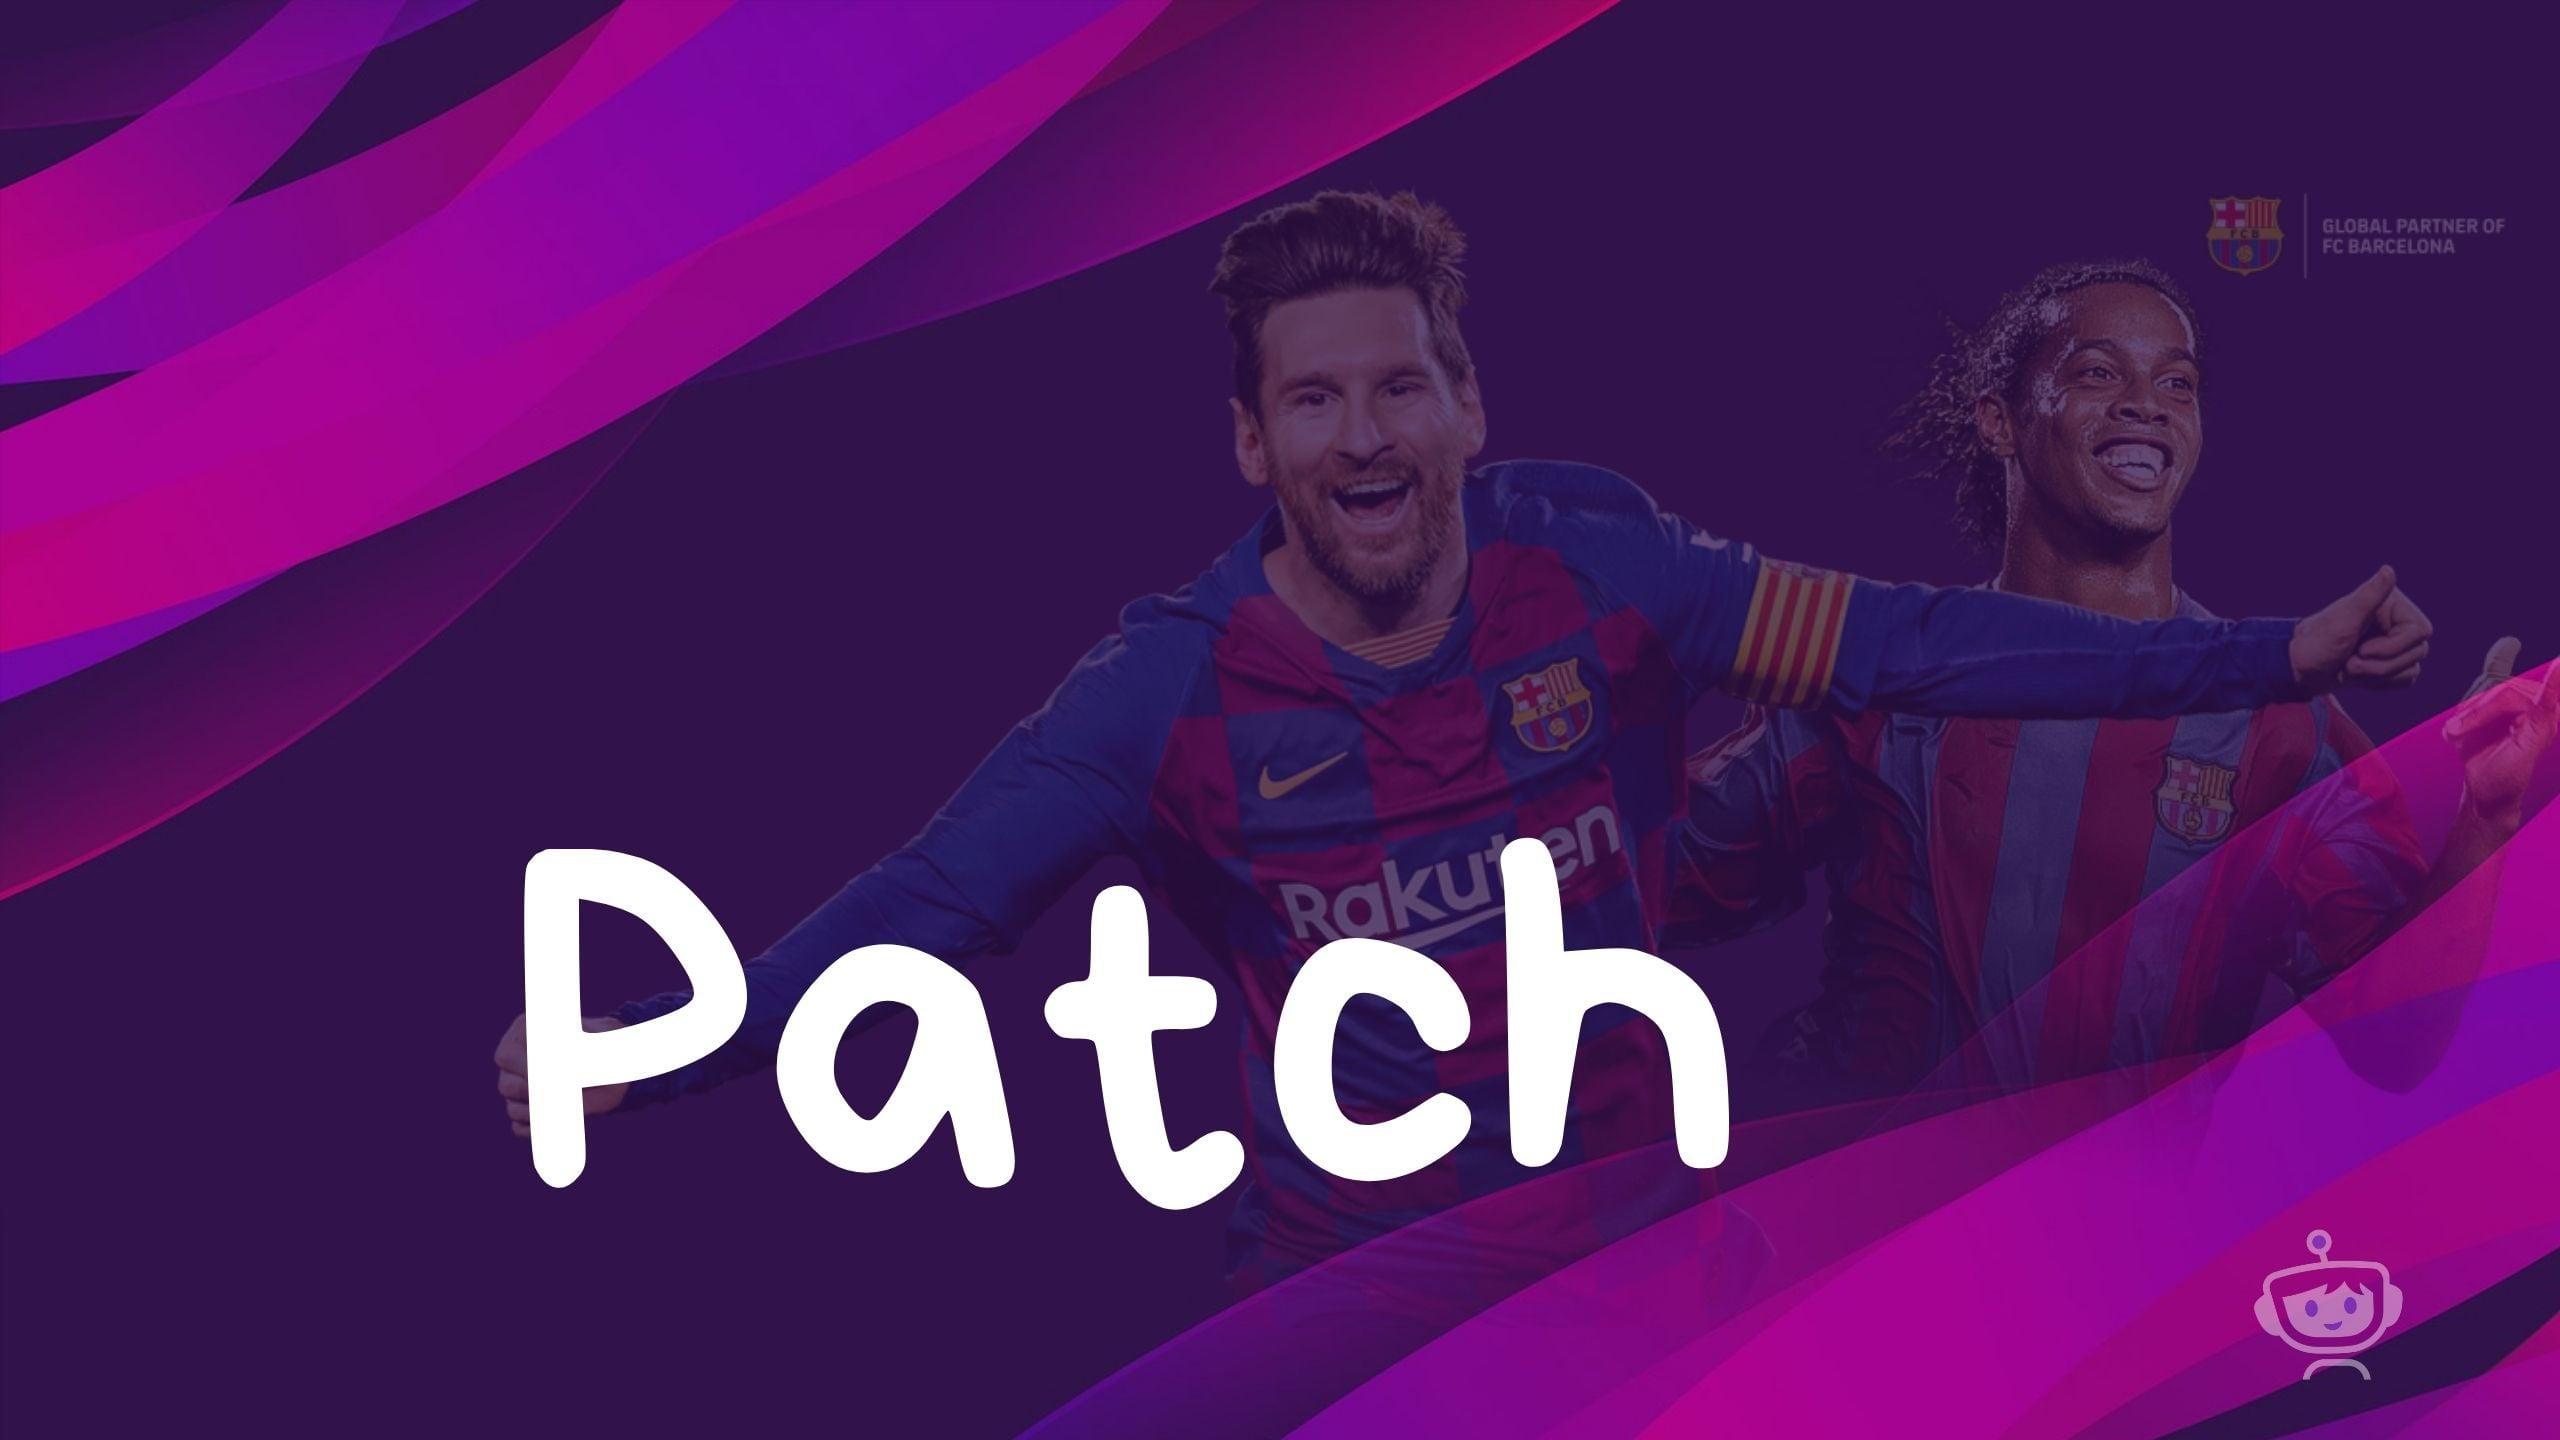 PES 2020 Patch PS4 – Lizenzen, Bundesliga , Anleitung 1 techboys.de • smarte News, auf den Punkt! PES 2020 Patch PS4 – Lizenzen, Bundesliga , Anleitung